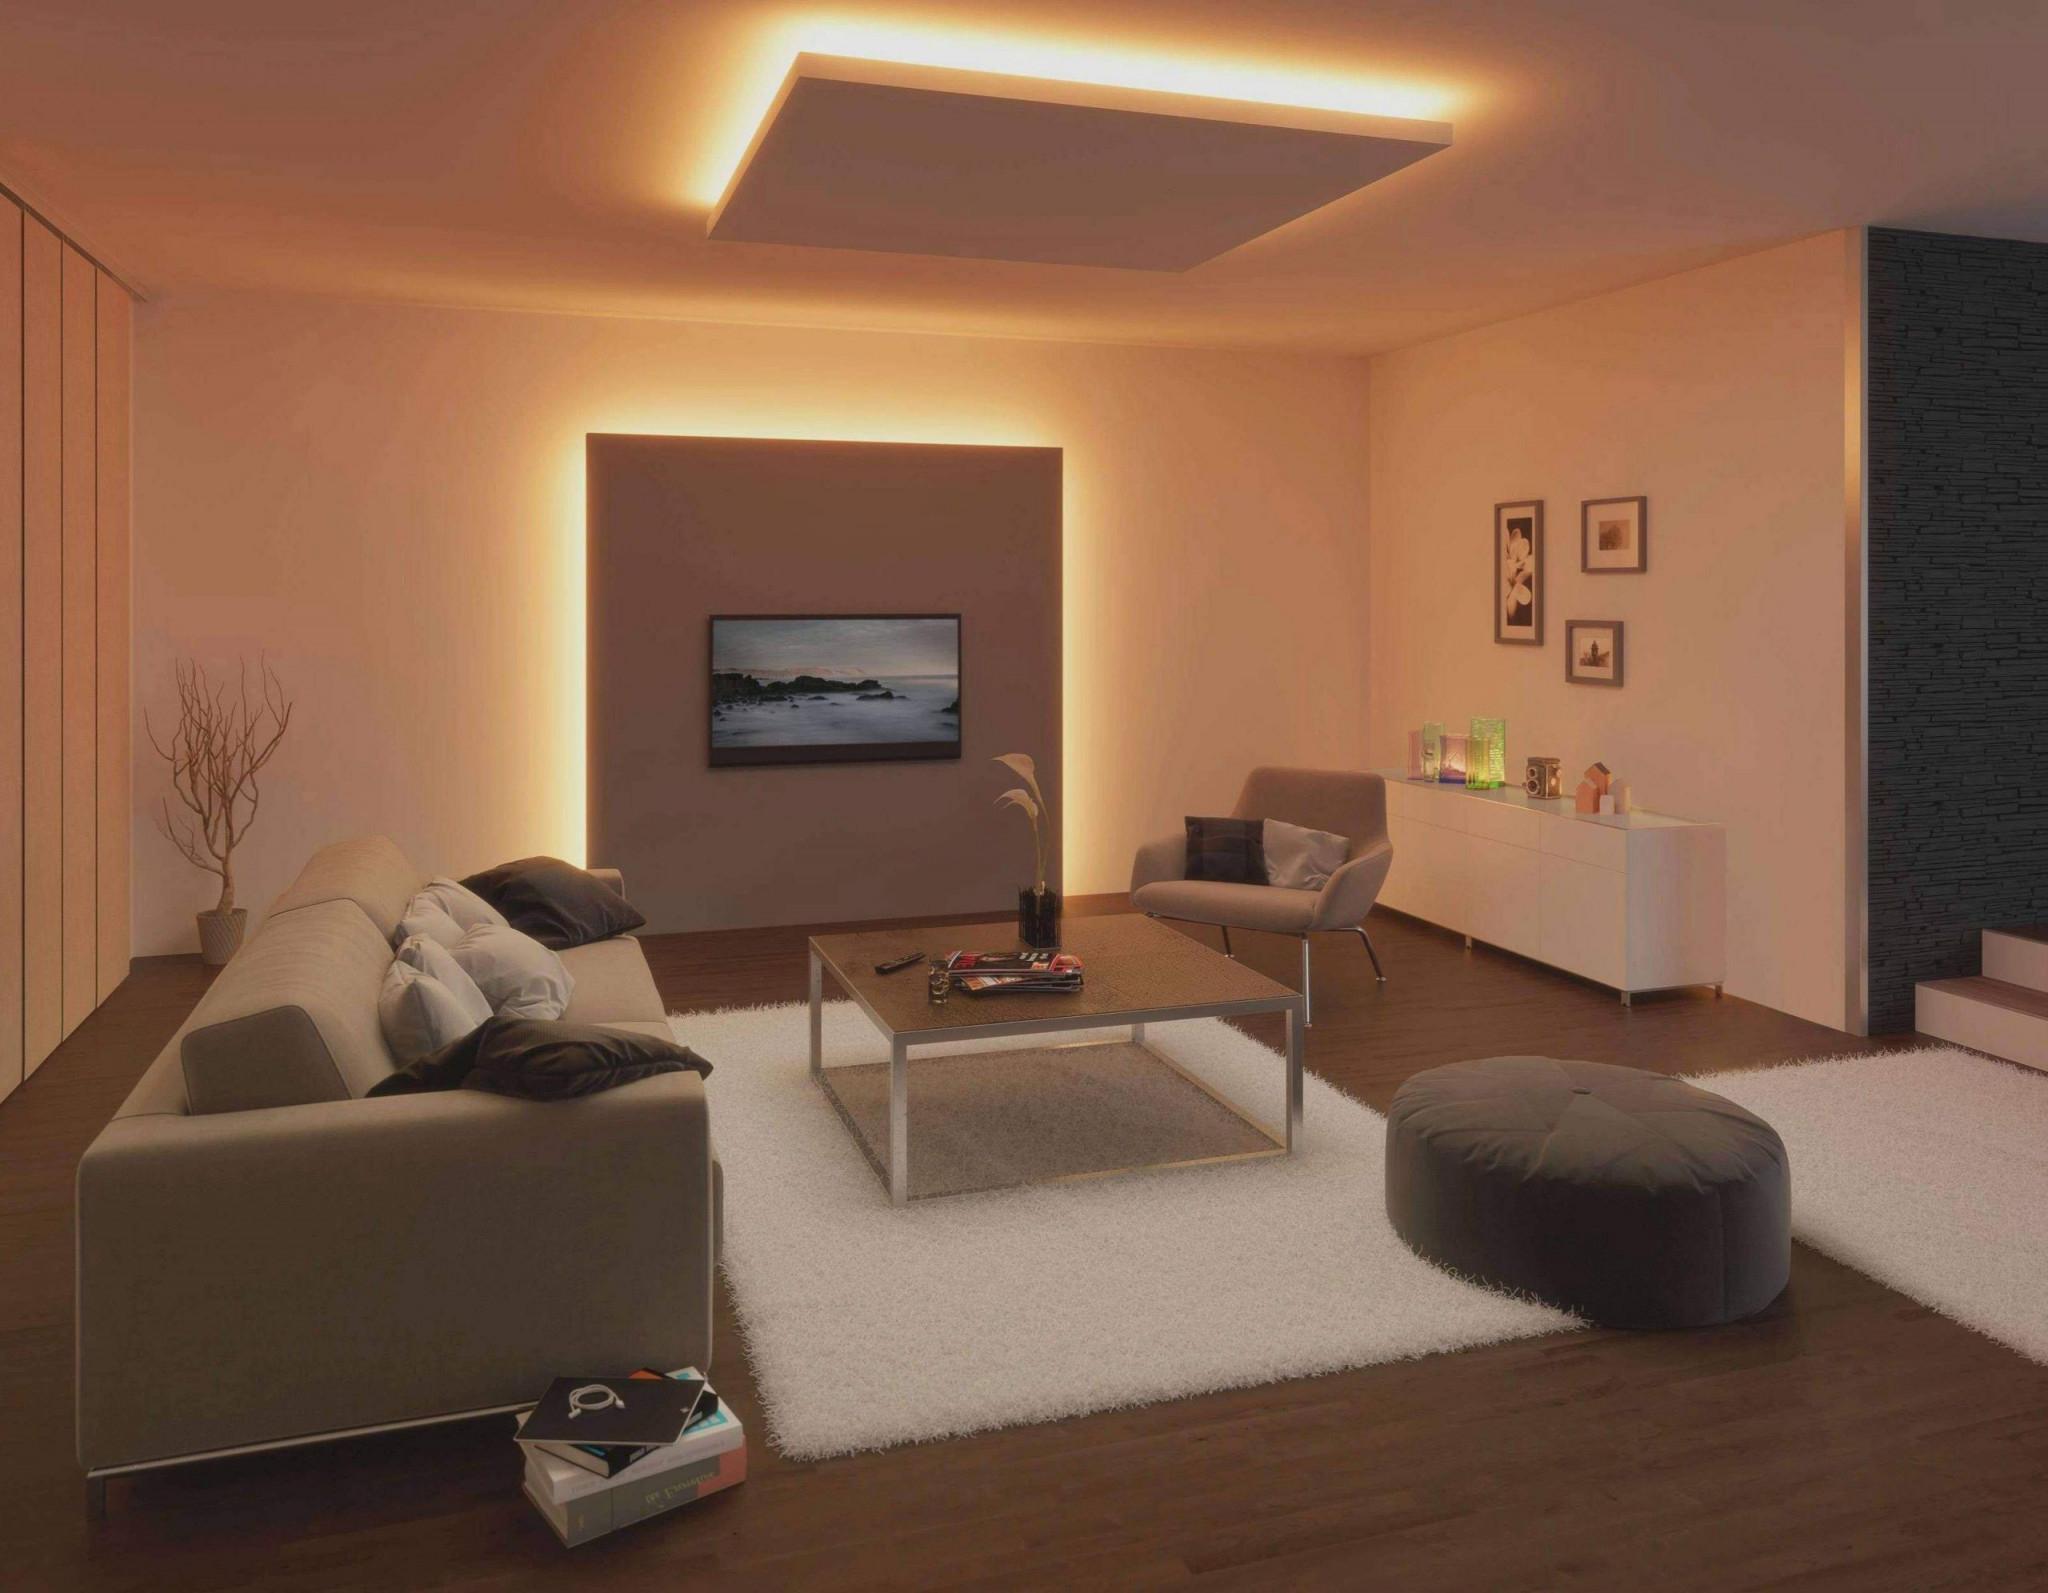 Wohnzimmer Schöner Wohnen Elegant Deckengestaltung von Schöner Wohnen Ideen Wohnzimmer Photo